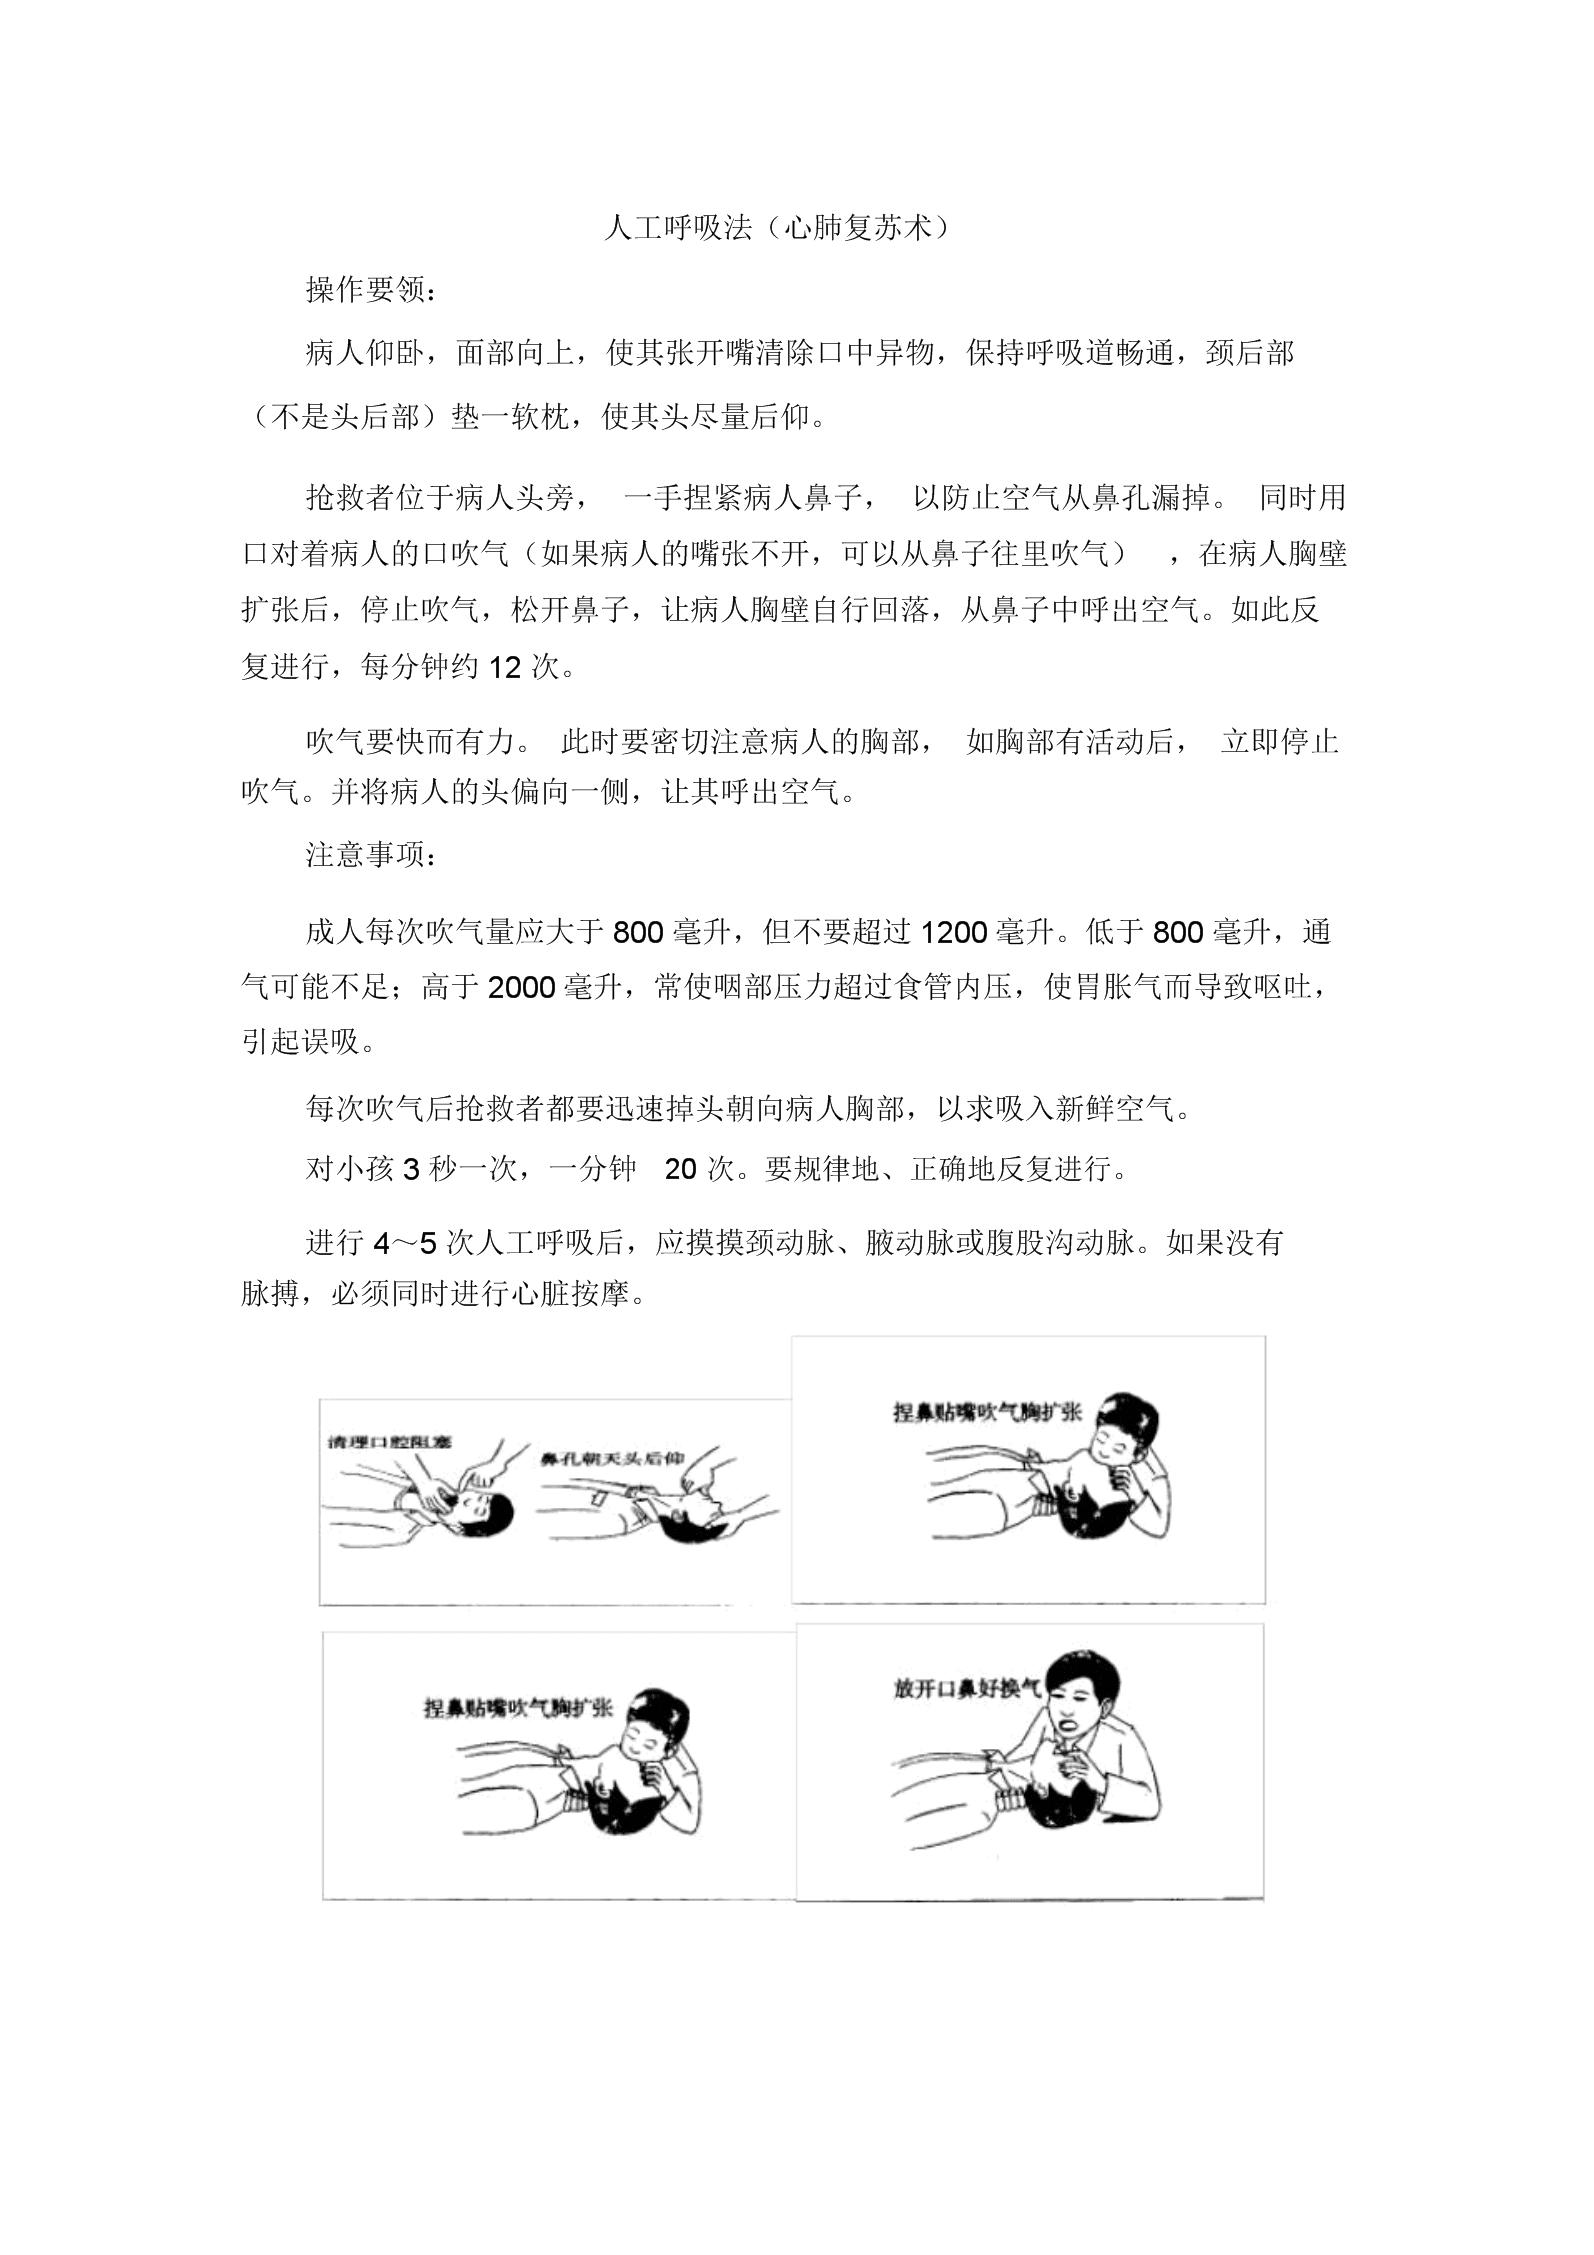 人工呼吸法(心肺复苏术).docx